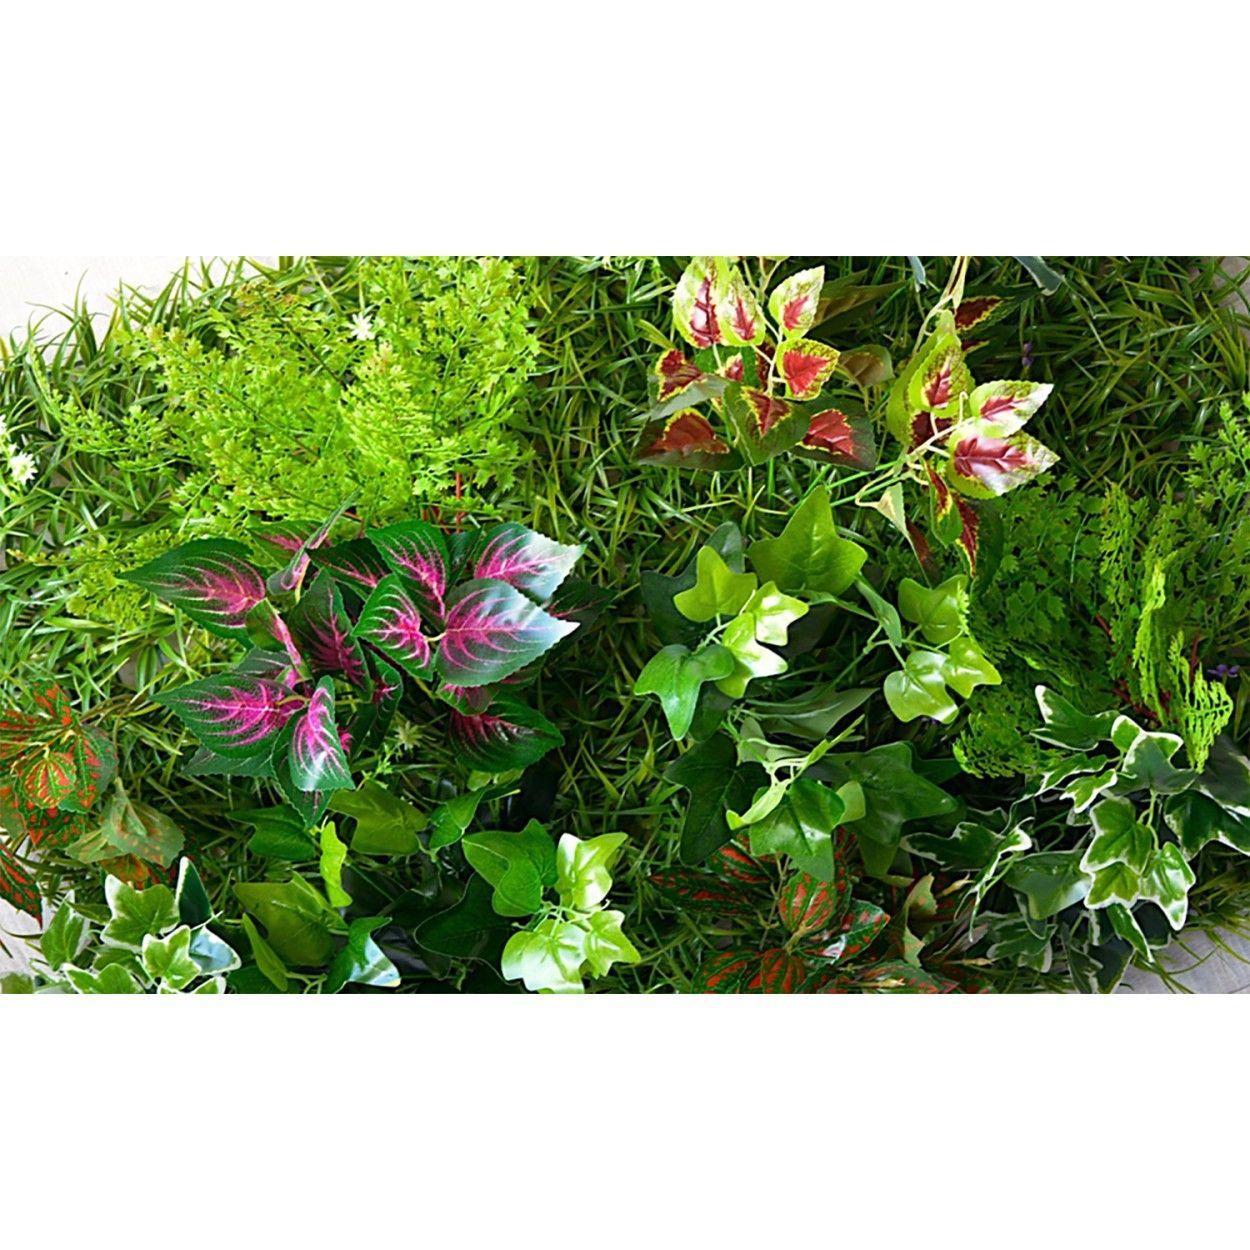 Planta artificial de ramas de hiedra para jard n vertical dos unidades hogar y m s hogar y m s - Hogar y jardin castellon ...